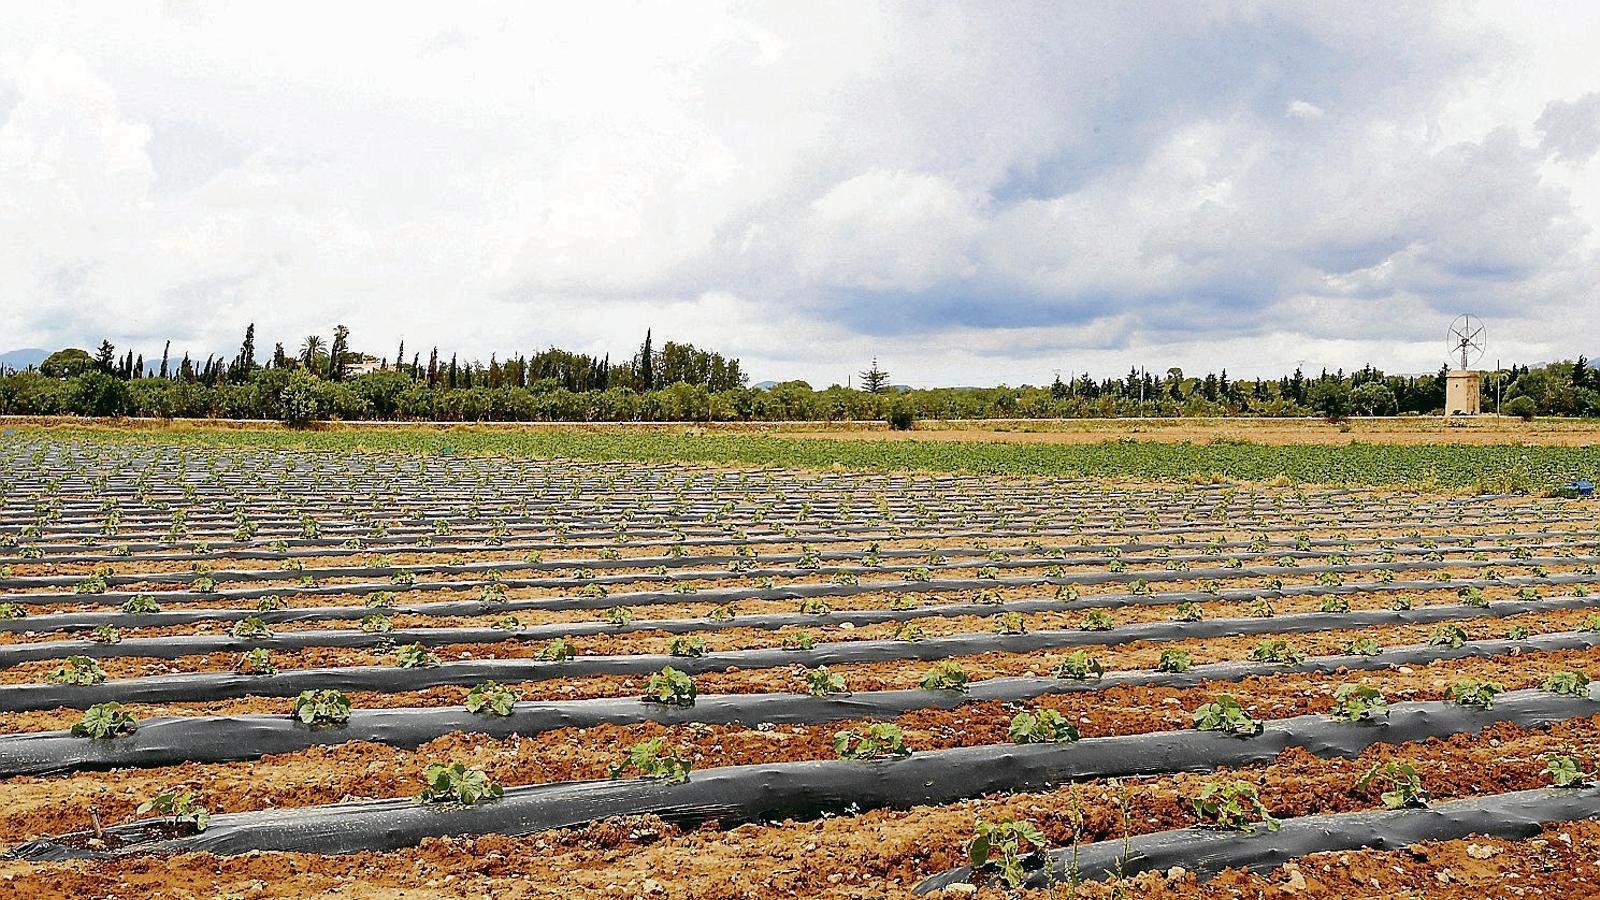 Els productors de les      Balears cerquen sobreviure  Amb la venda en línia